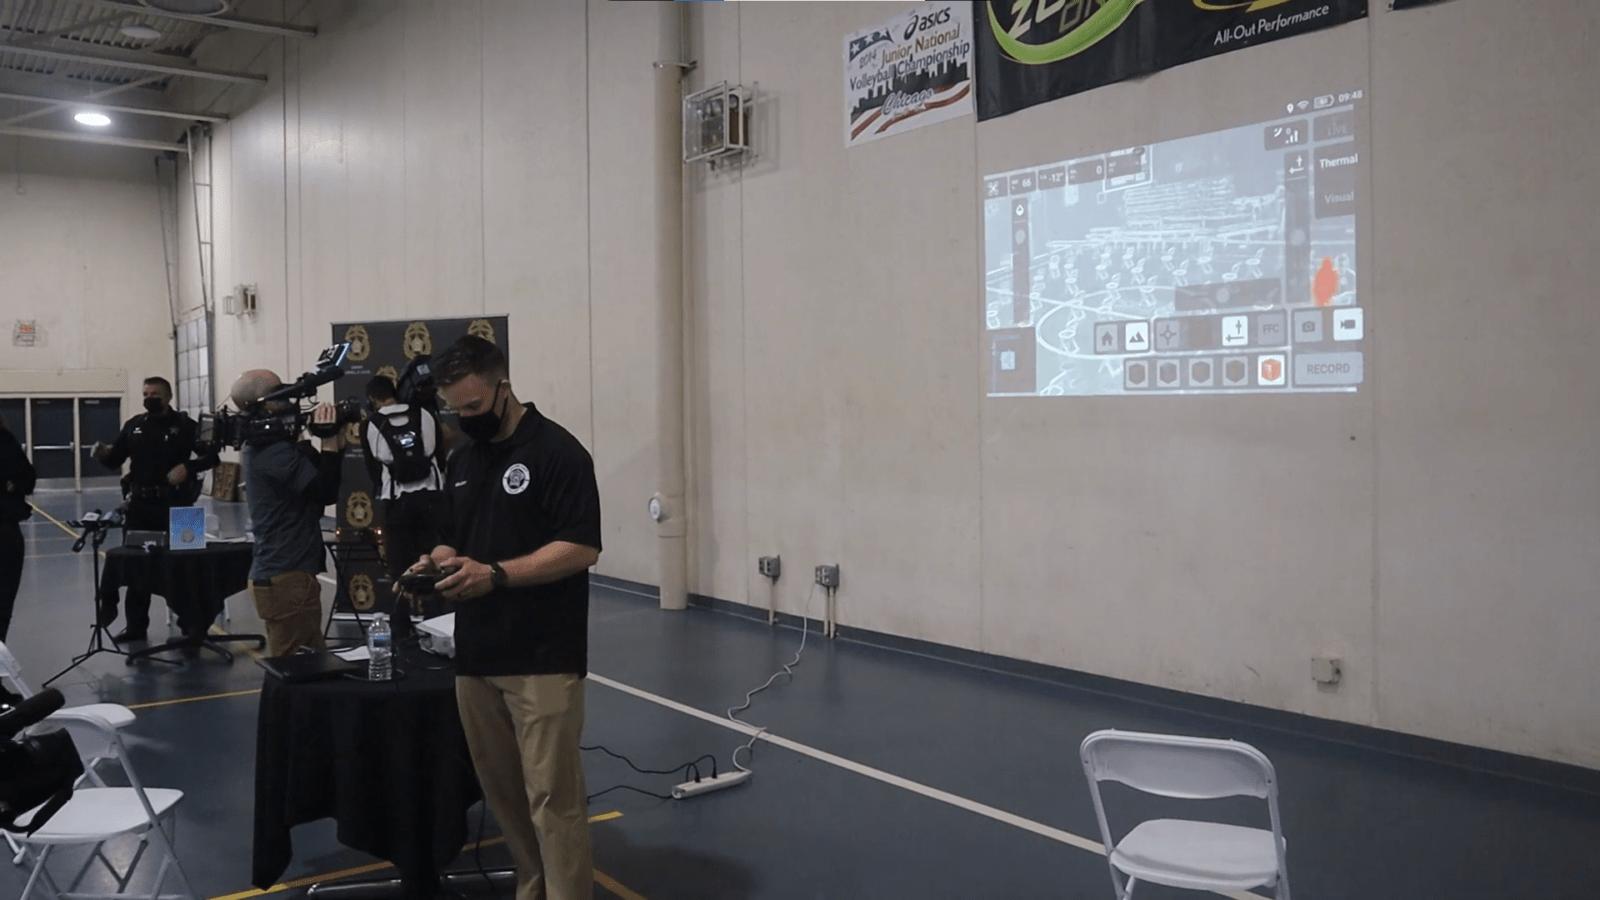 Департамент шерифа Милуоки поделился с общественностью планами по созданию нового подразделения с дронами